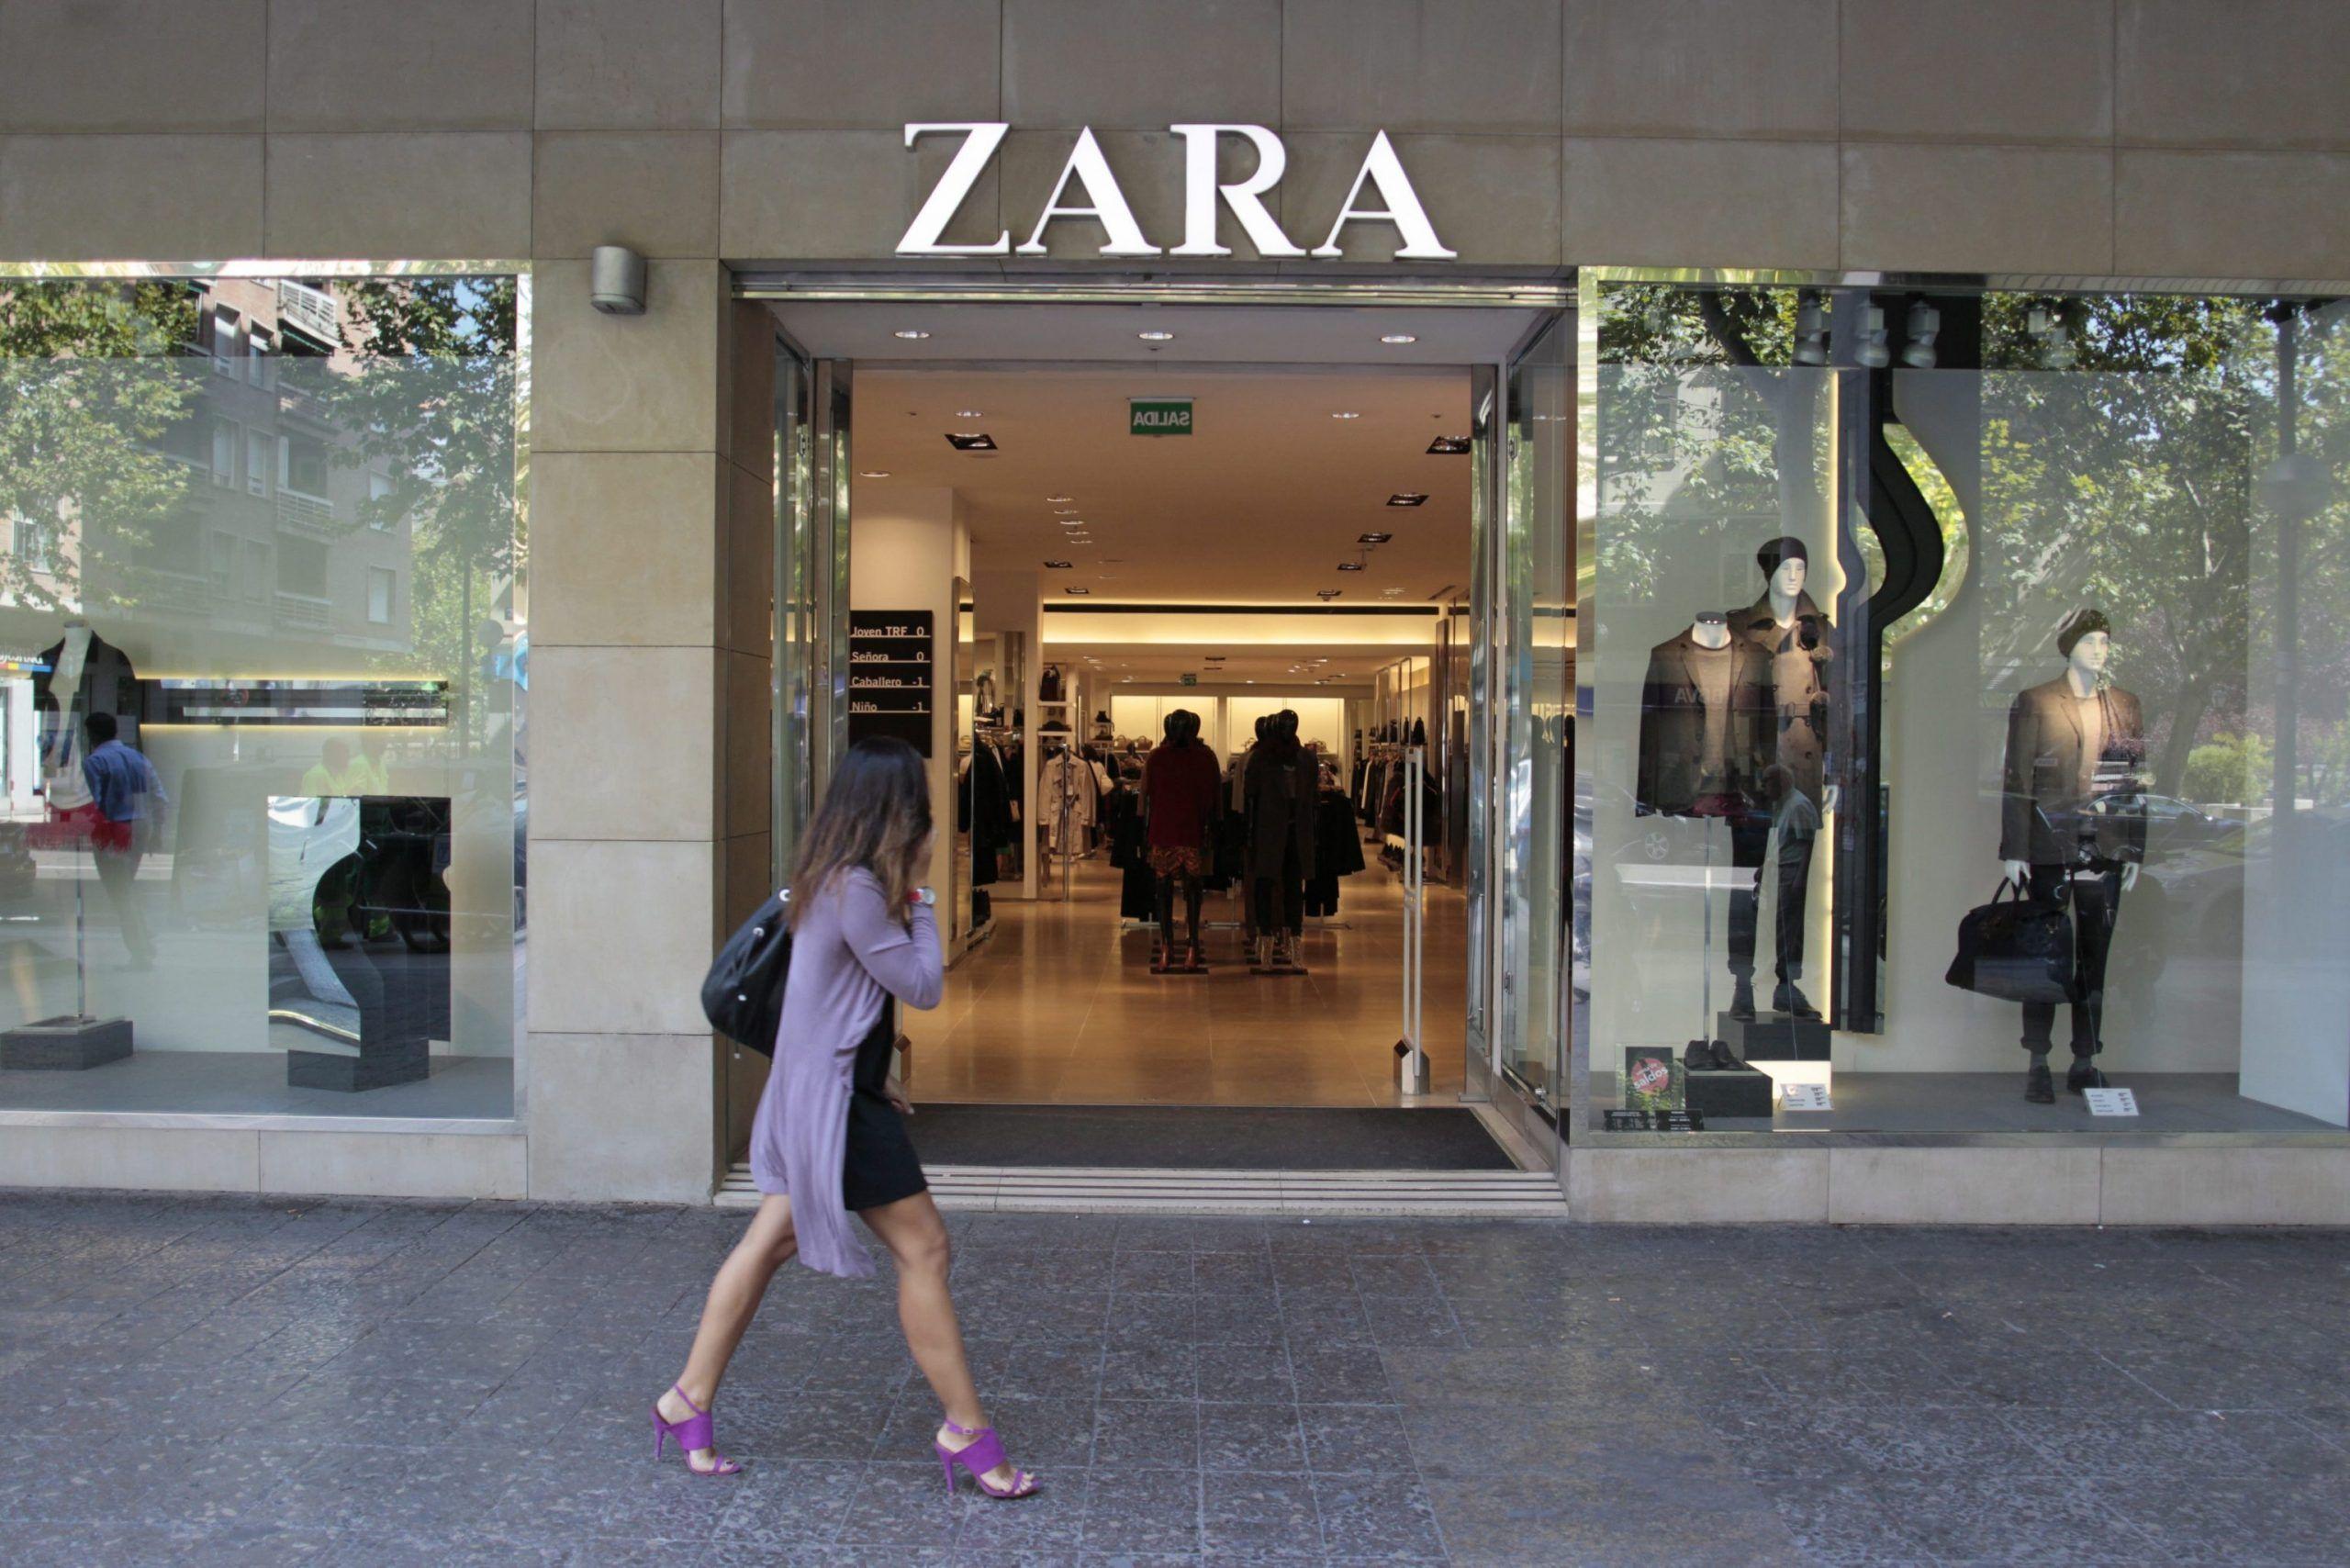 Zara offre lavoro: il noto marchio di abbigliamento assume in Italia